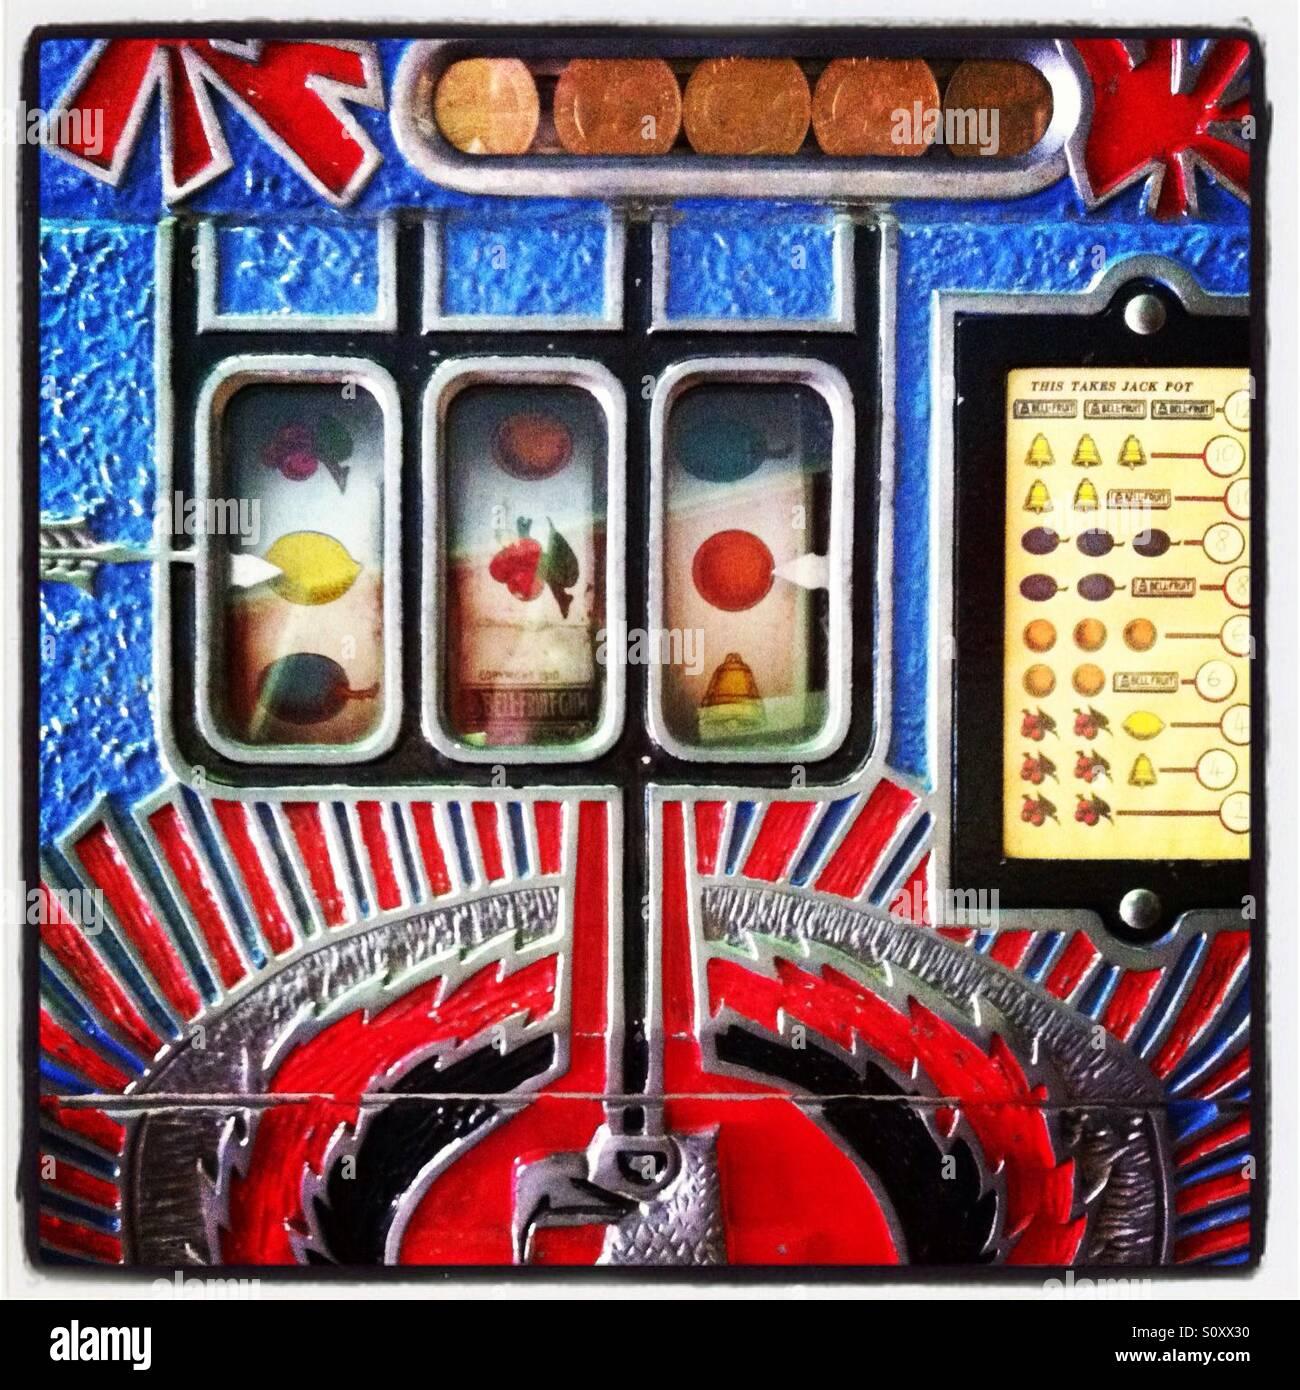 Retro tragaperras con símbolos de fruta y un audaz diseño colorista. Imagen De Stock